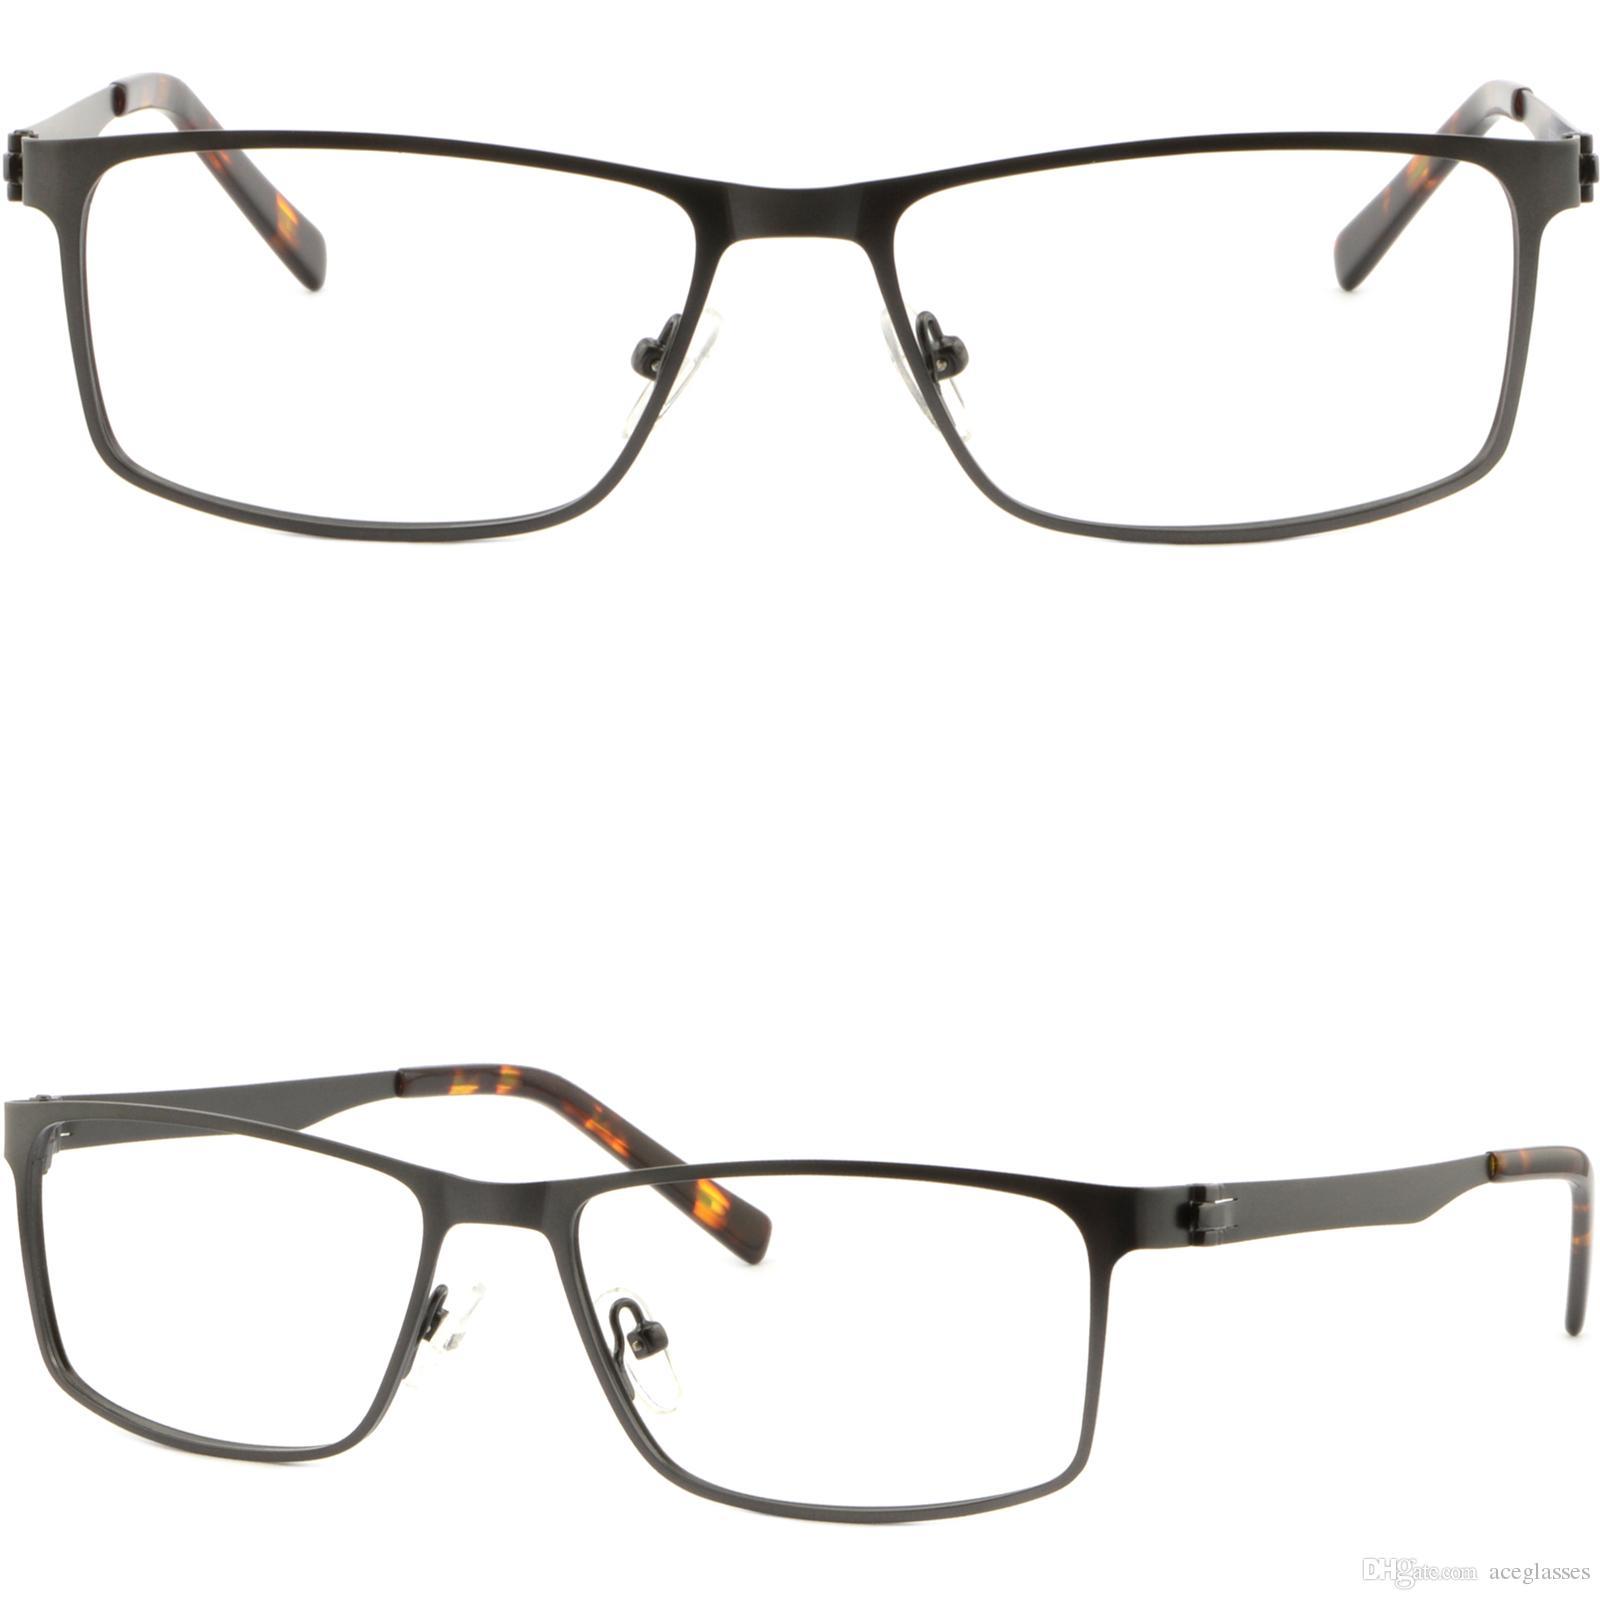 51e4498cad9 Rectangular Men s Women s Metal Frames Light Prescription Glasses Dark Gray  Grey Glasses Frame Online with  35.87 Piece on Aceglasses s Store